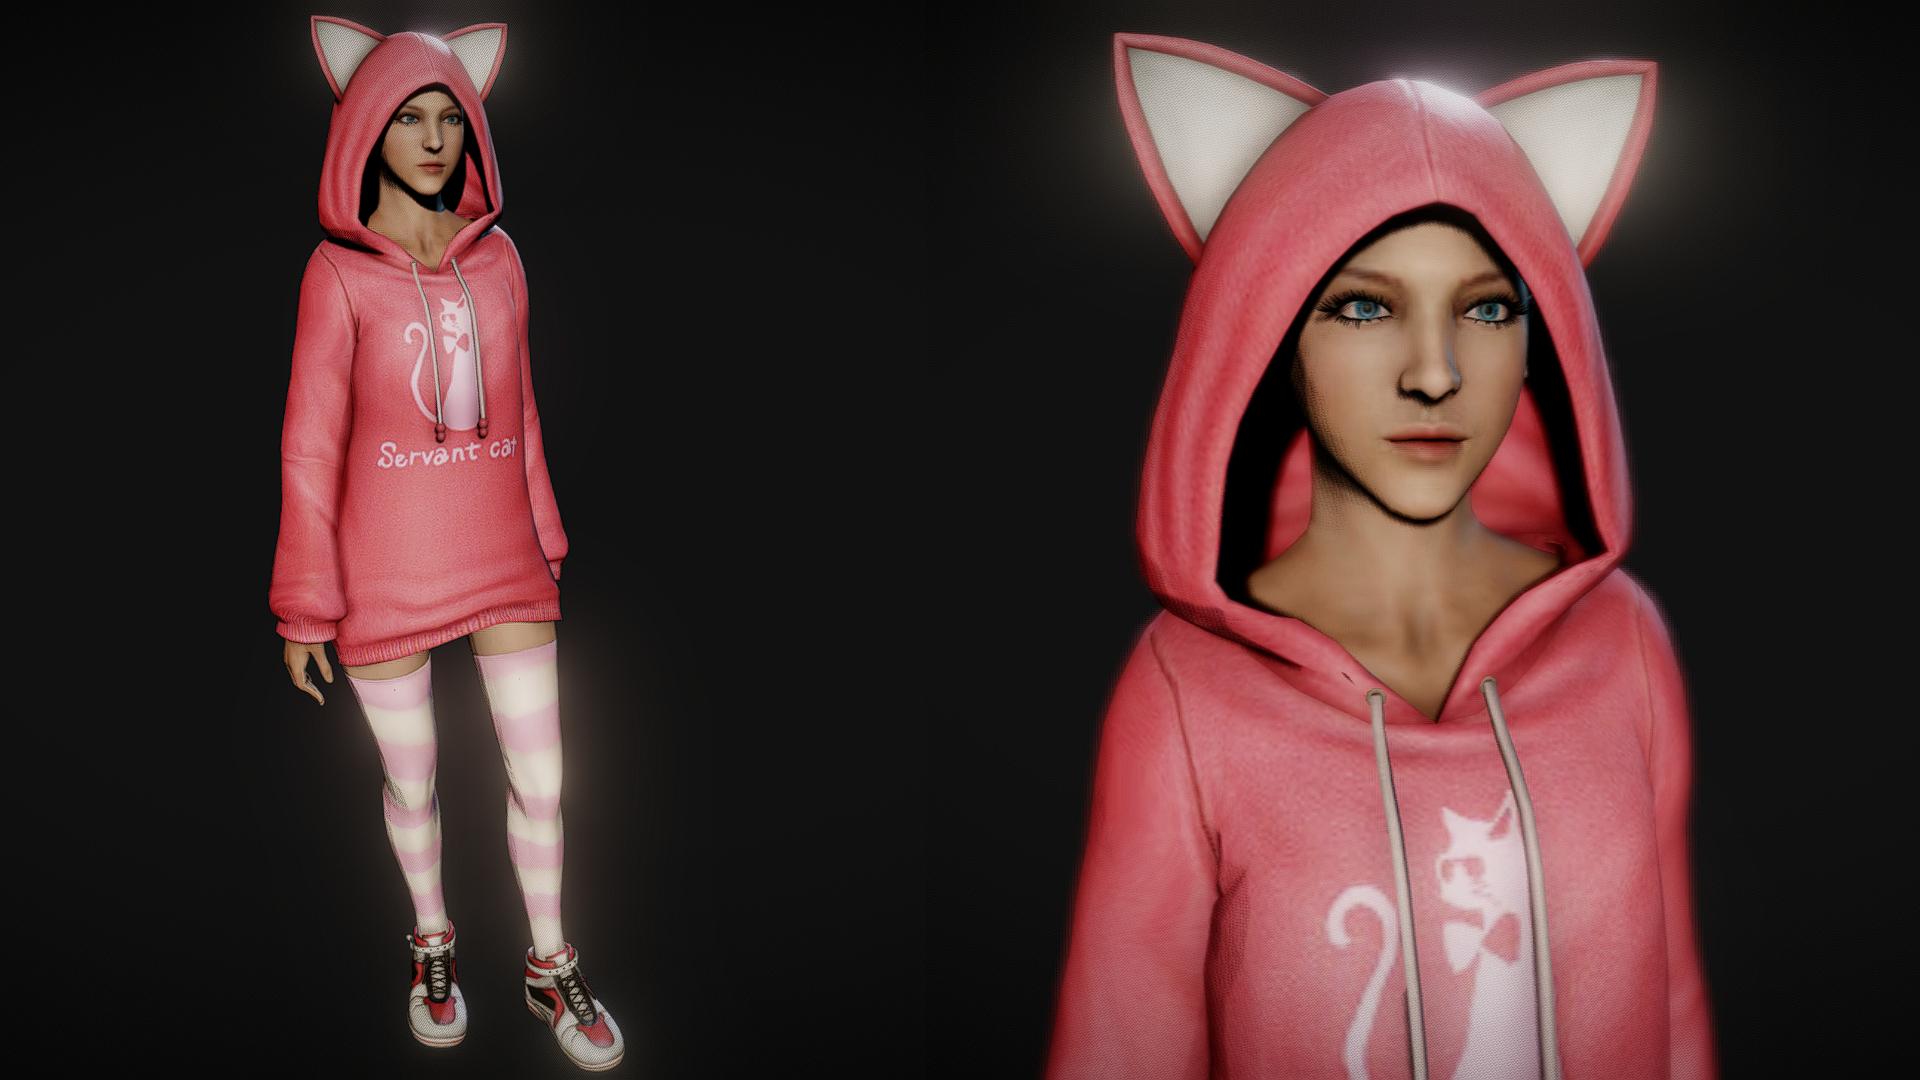 Amazing Player: Female (cat costume) 0